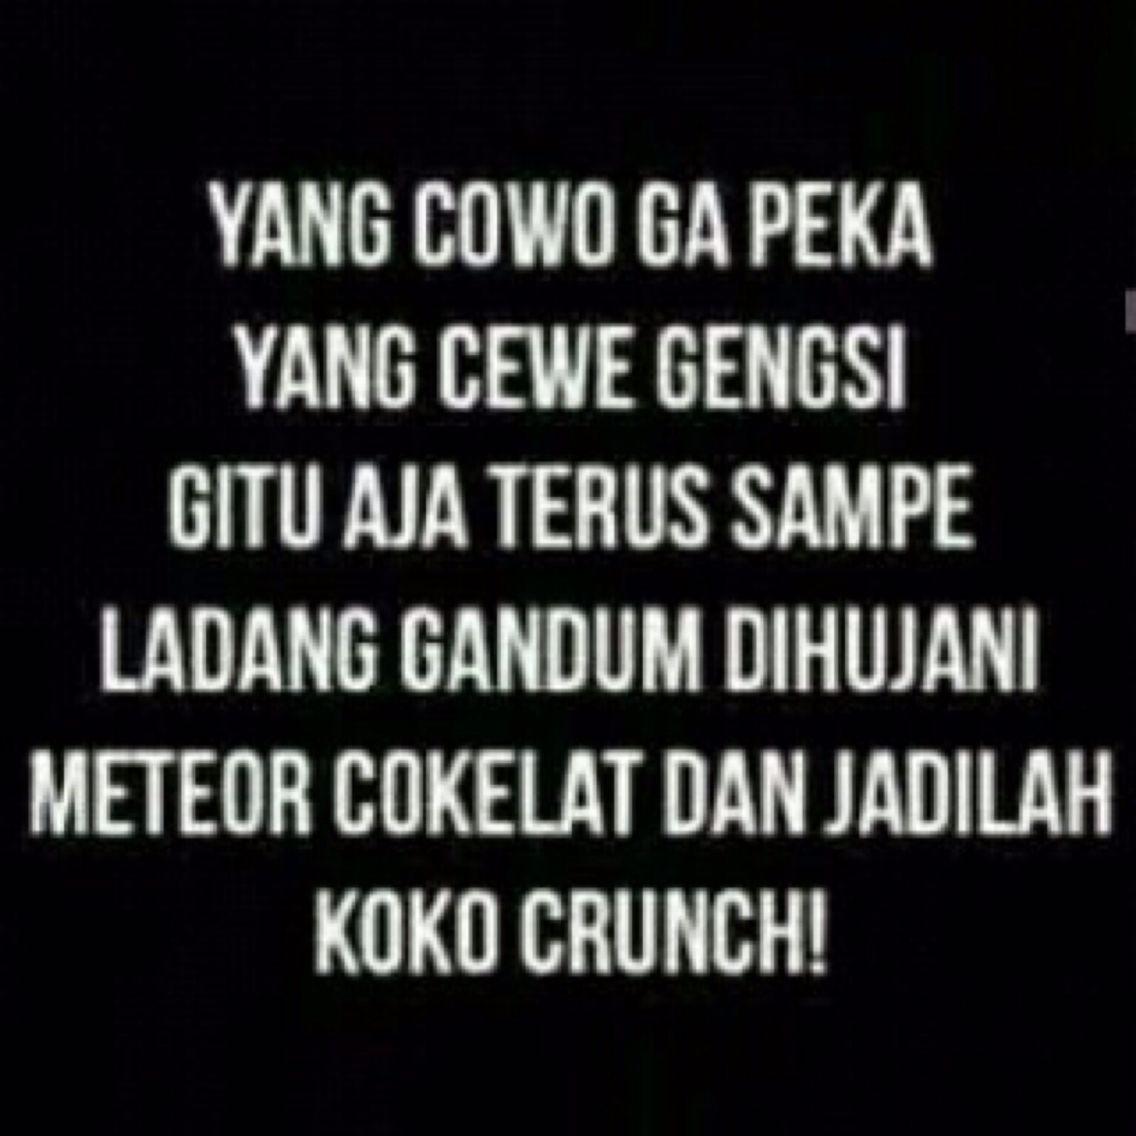 Yg Cowo Gak Peka Yg Cewe Gengsiaan Halaaaaahhh Lucu Humor